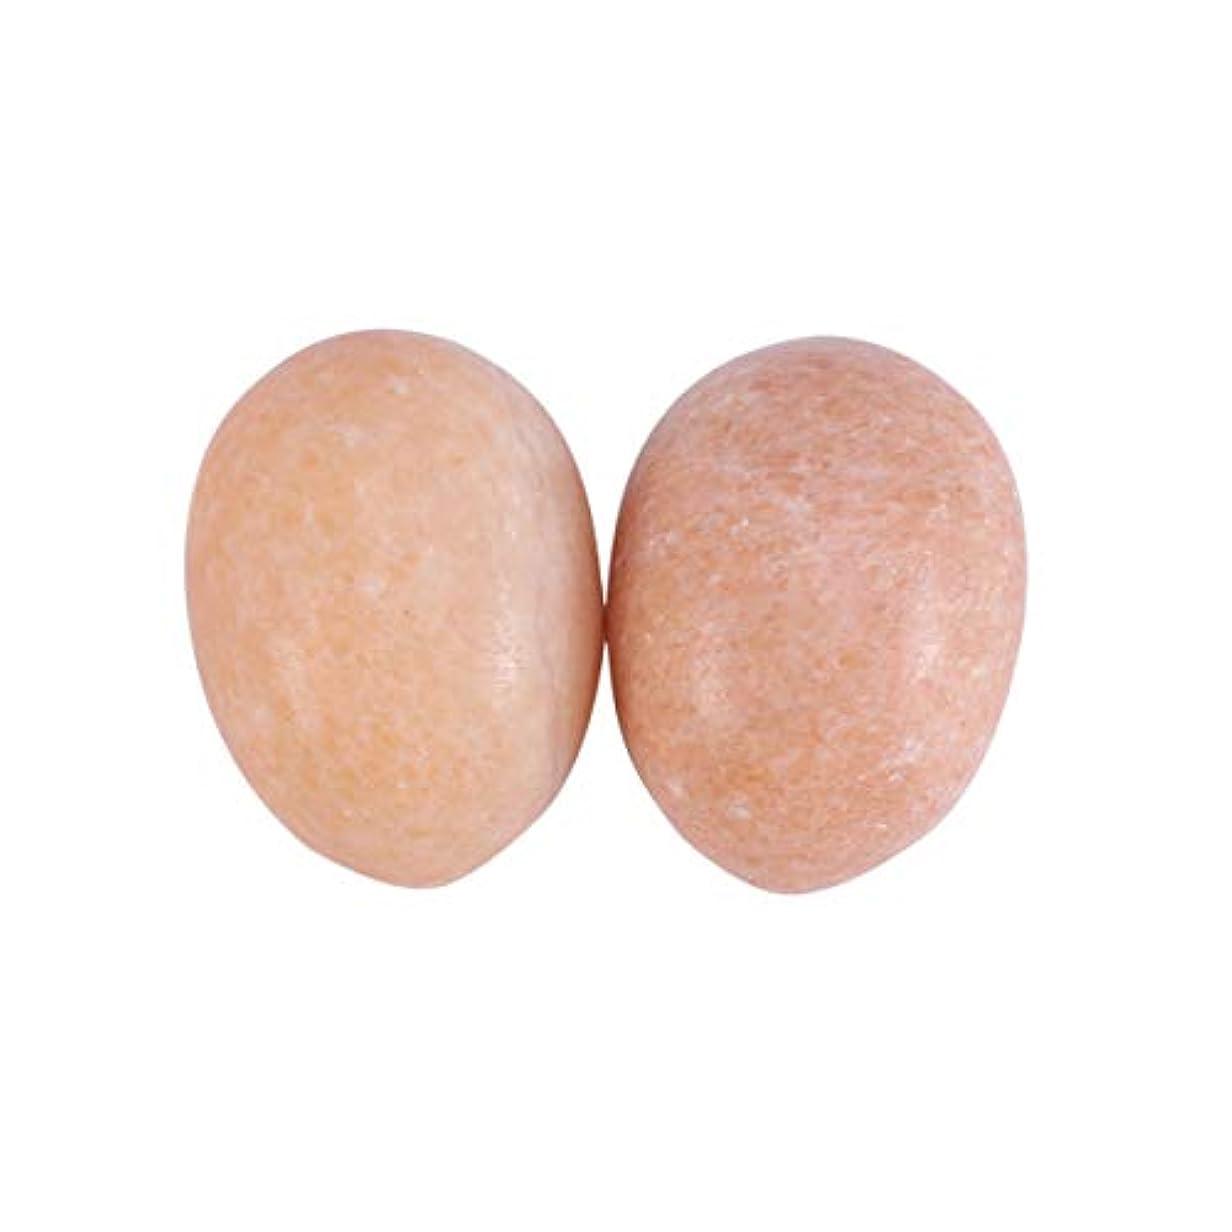 ブランド名マルクス主義白鳥SUPVOX 6個ネフライト玉ヨードエッグ玉ヨードマッサージストーンチャクラ骨盤筋肉の癒しの卵マッサージケゲル運動(夕焼けの赤卵)